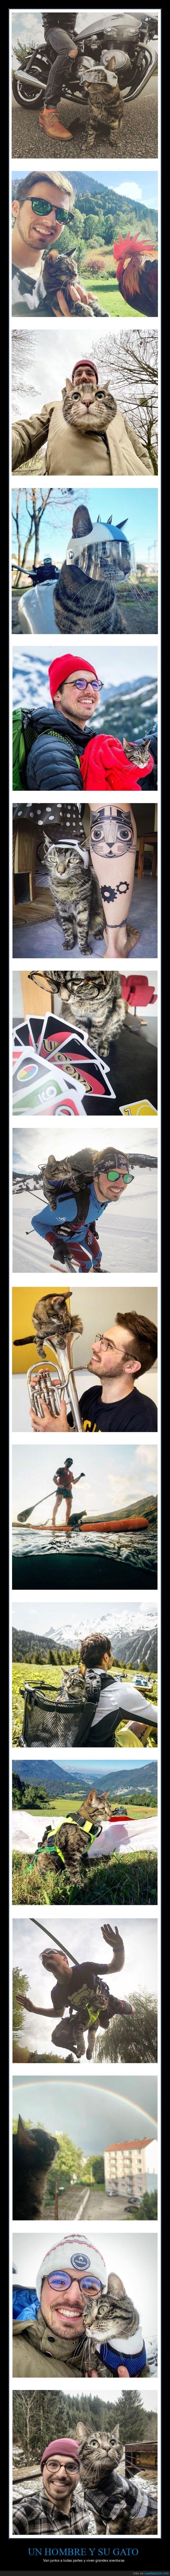 aventuras,gato,viajes